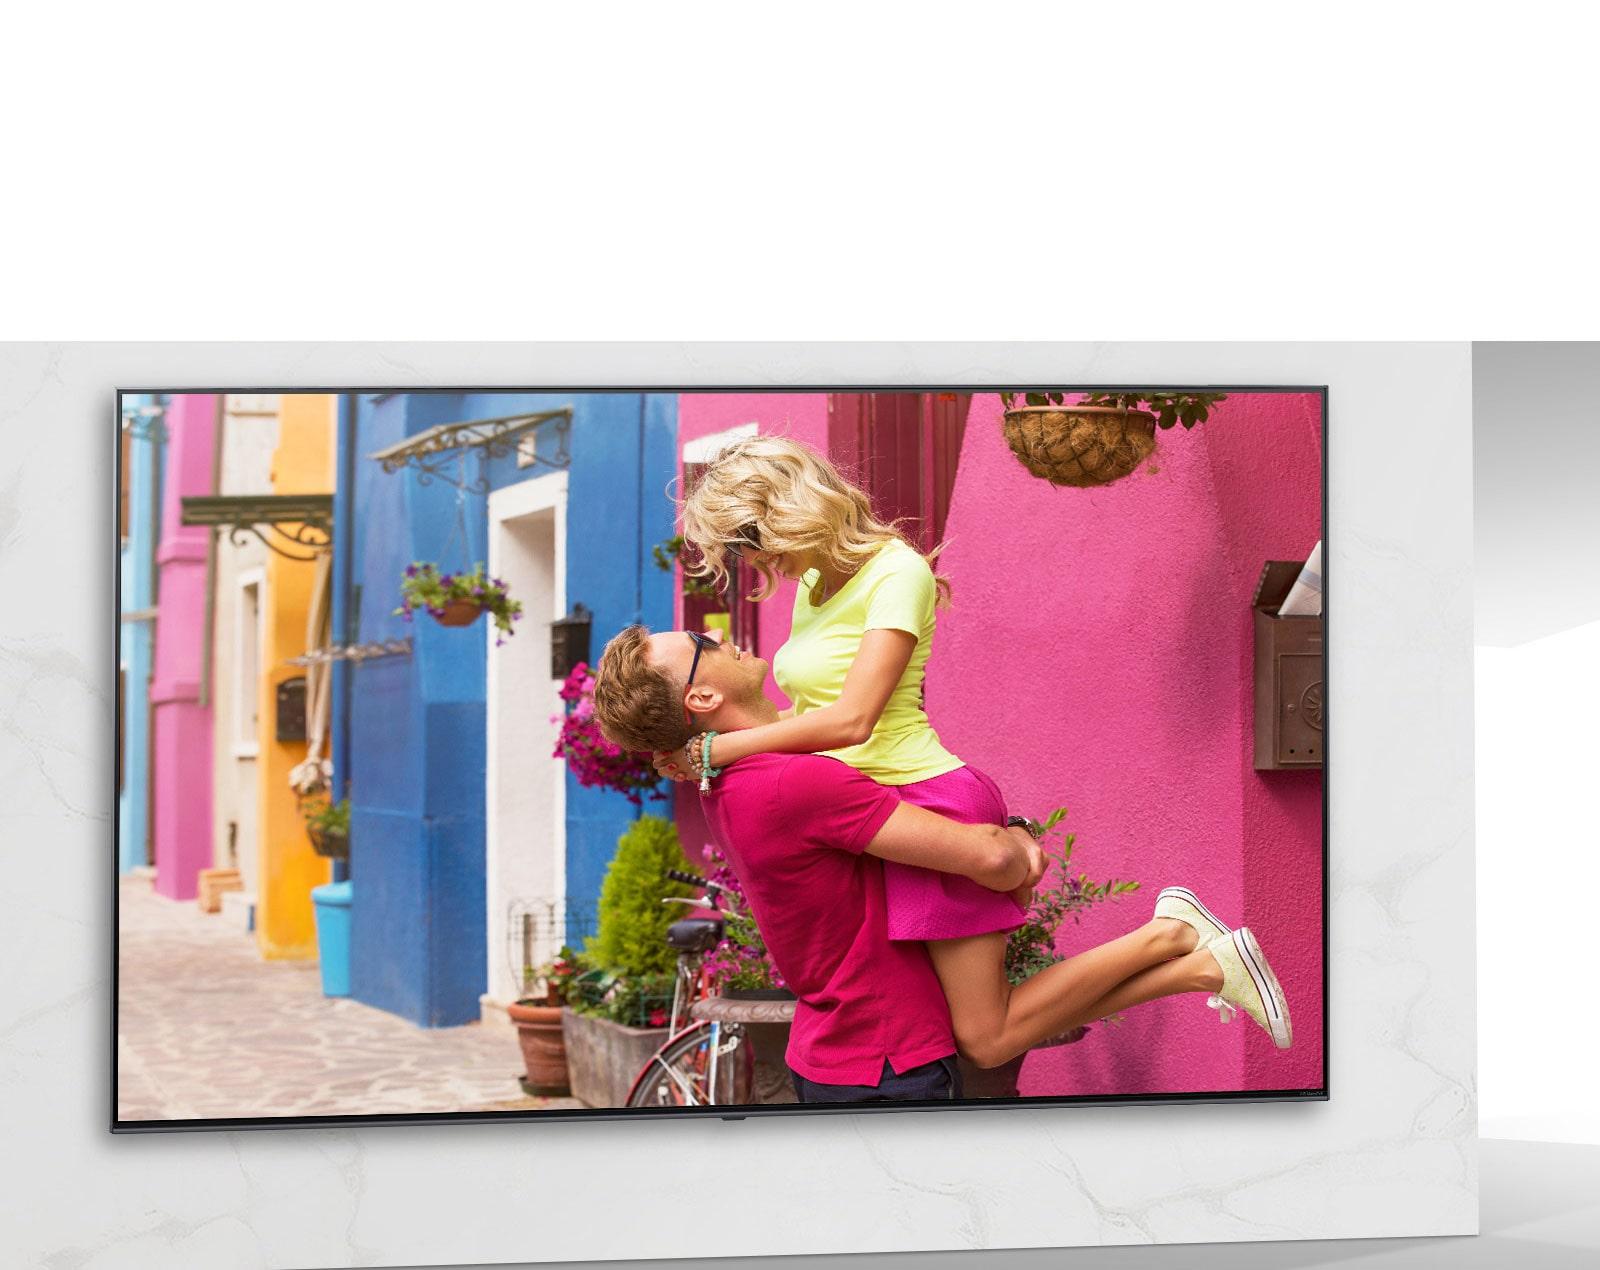 شاشة تلفزيون تعرض أحد المشاهد من فيلم رومانسي ملون يظهر رجلا وامرأة يتعانقان.